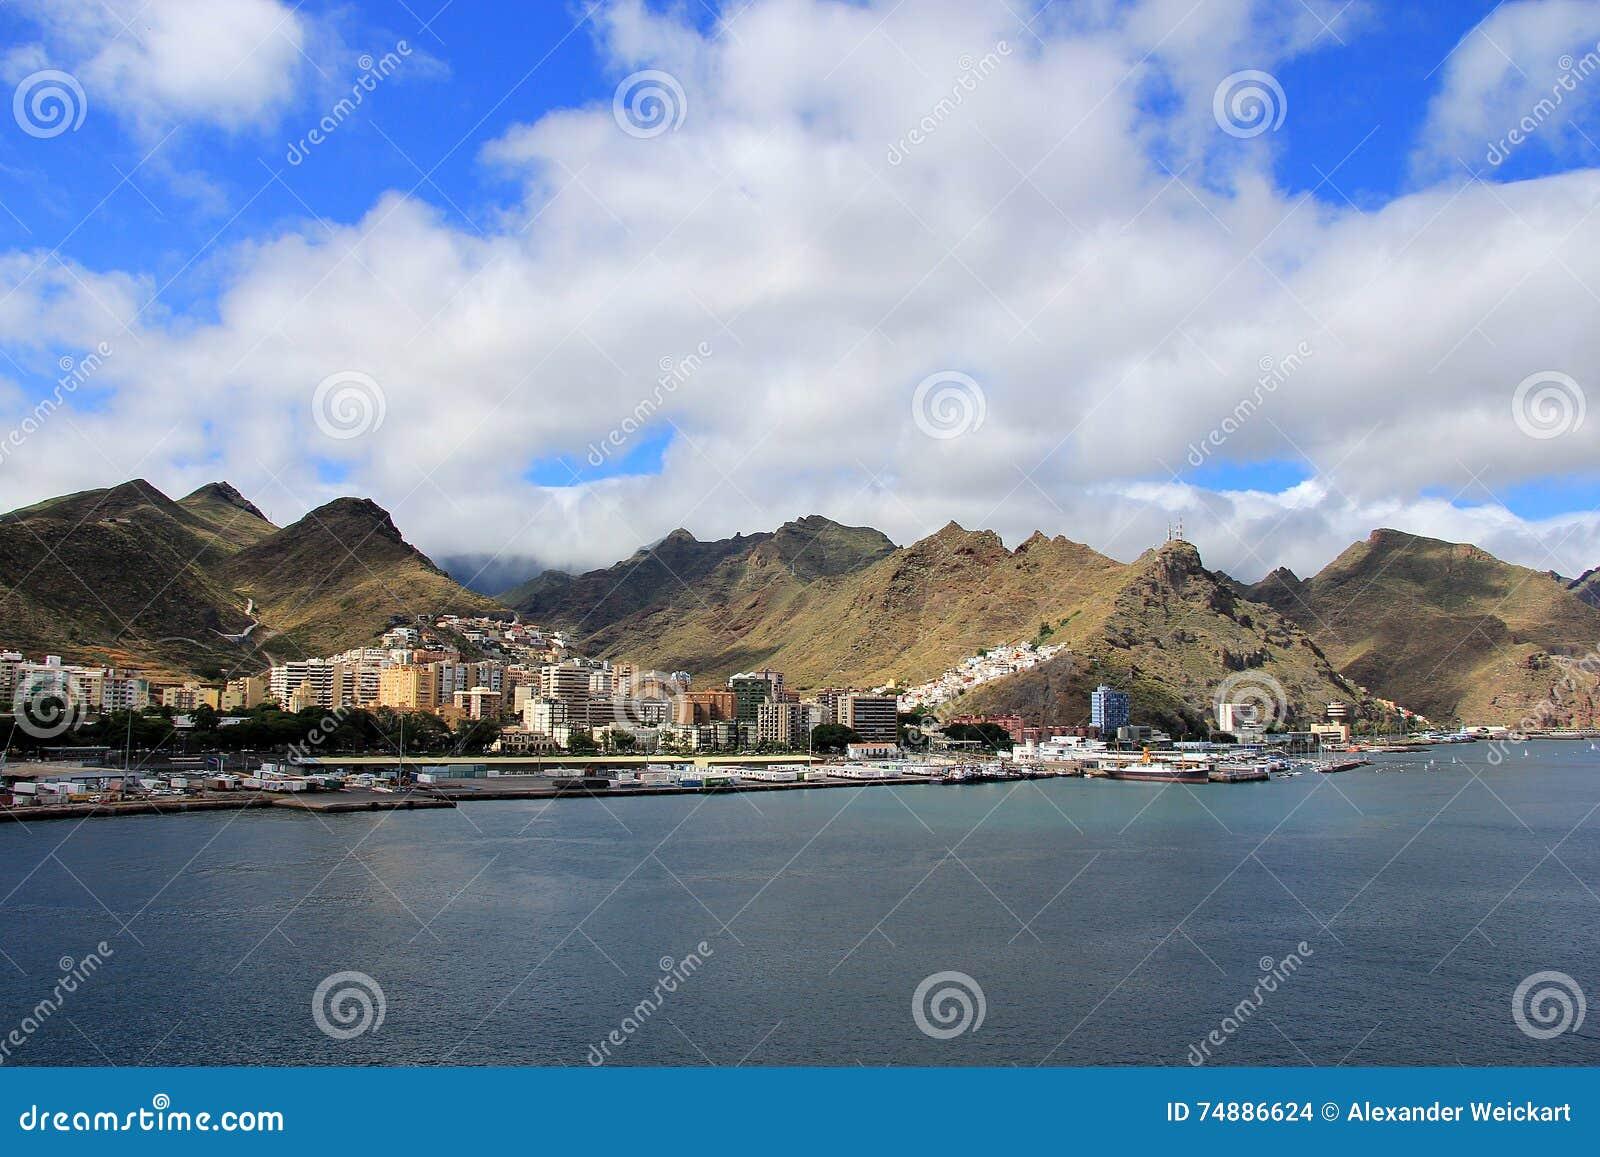 Visión en la cordillera de un barco de cruceros - Santa Cruz de Tenerife, islas Canarias